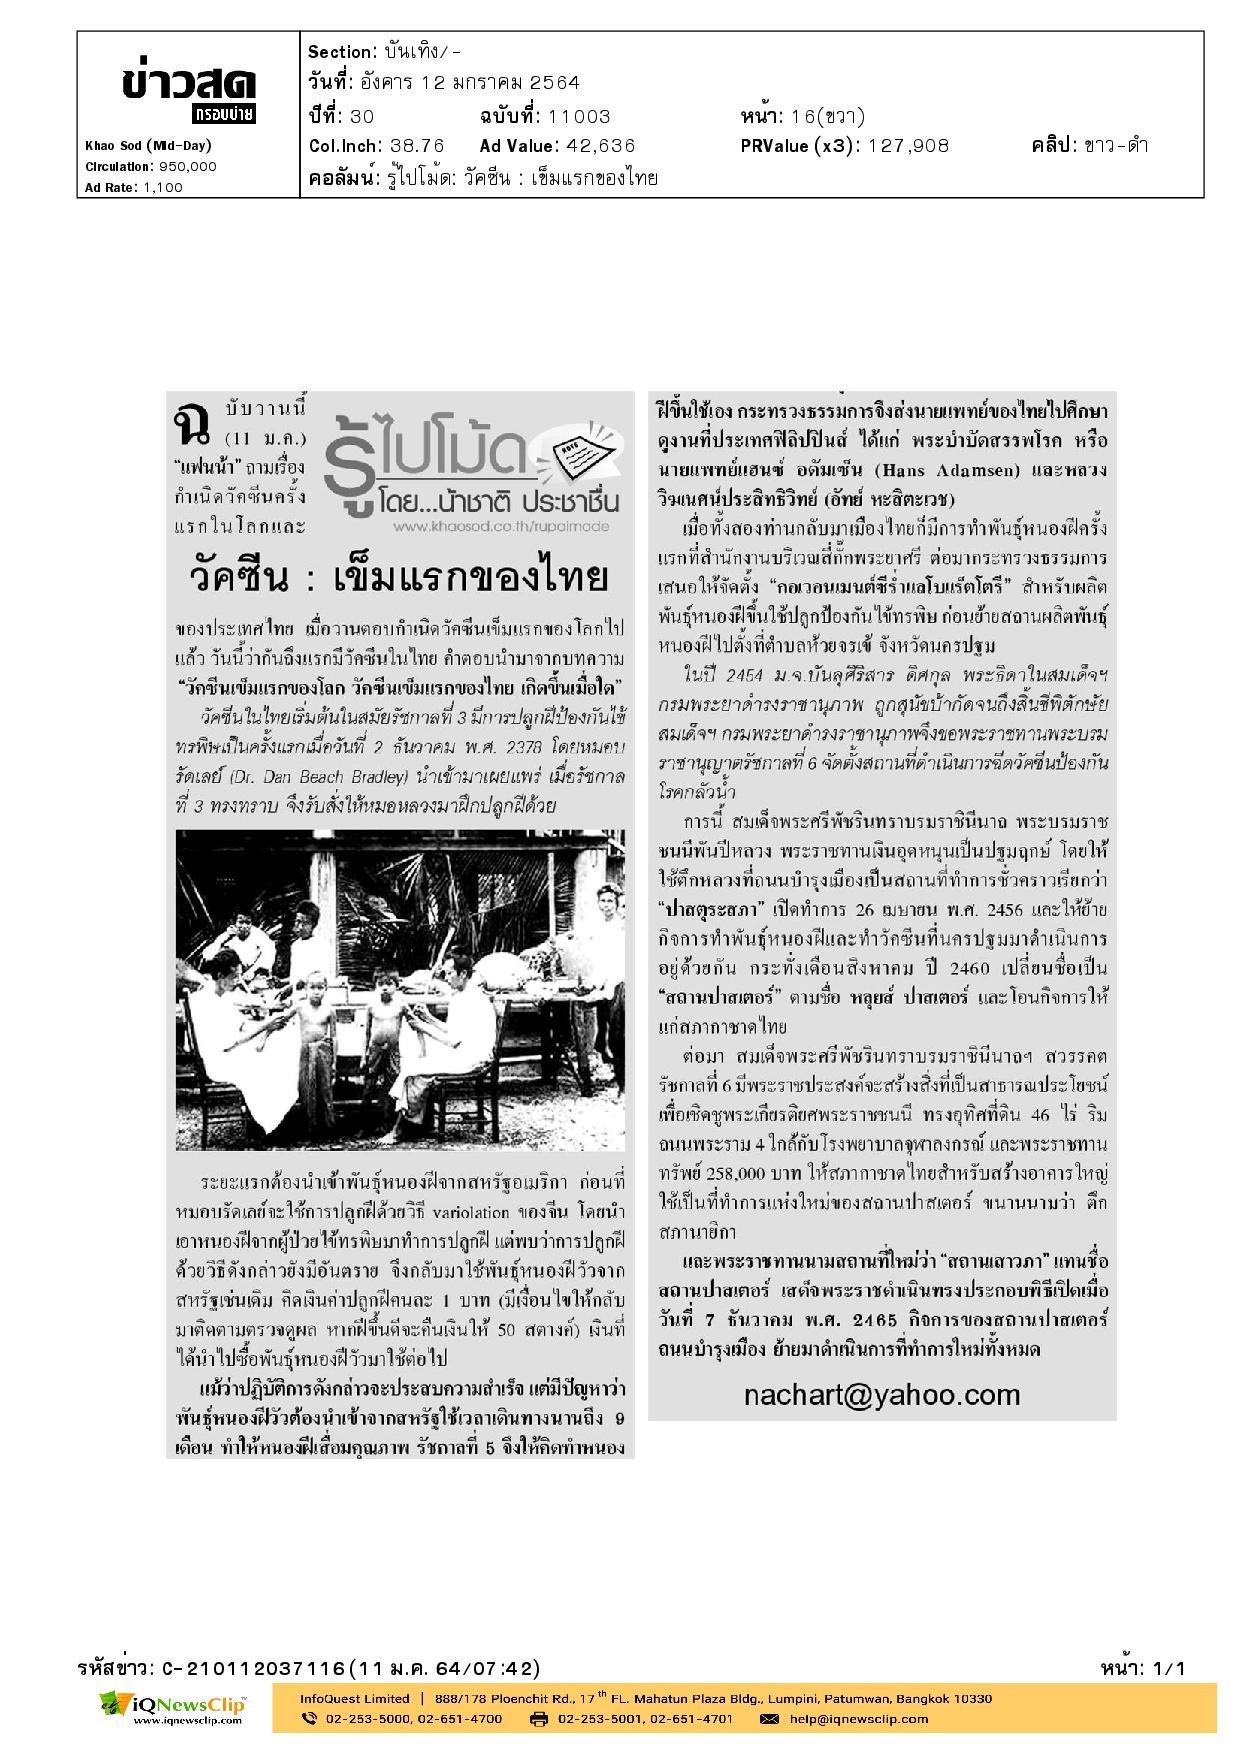 บทความ วัคซีน : เข็มแรกของไทย